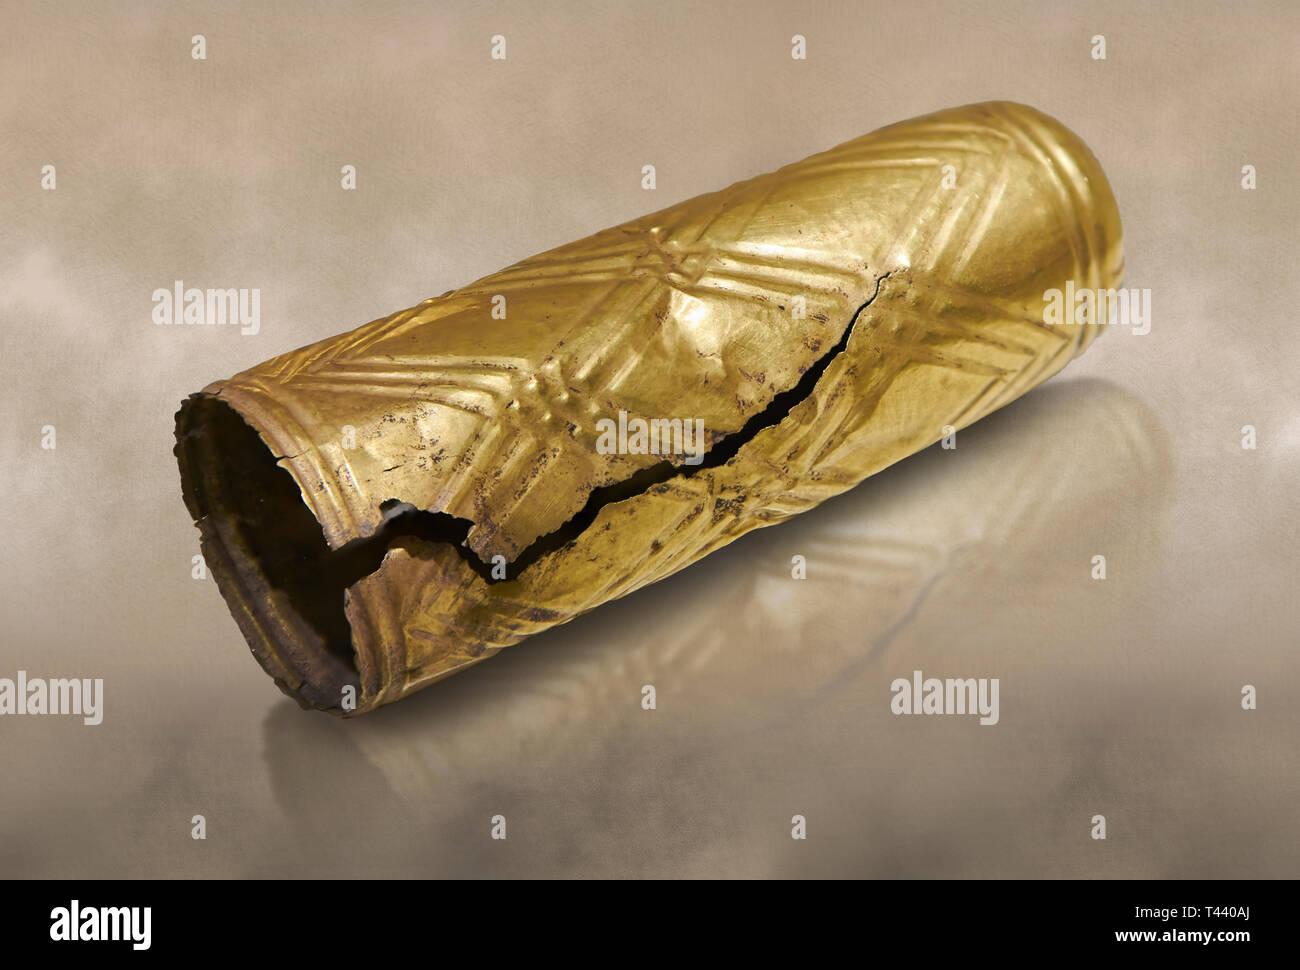 Età del Bronzo Hattian oro di copertura mobili da una possibile Età del Bronzo tomba reale (2500 BC 2250 BC) - Alacahoyuk - Museo del anatolica Civilisatio Immagini Stock